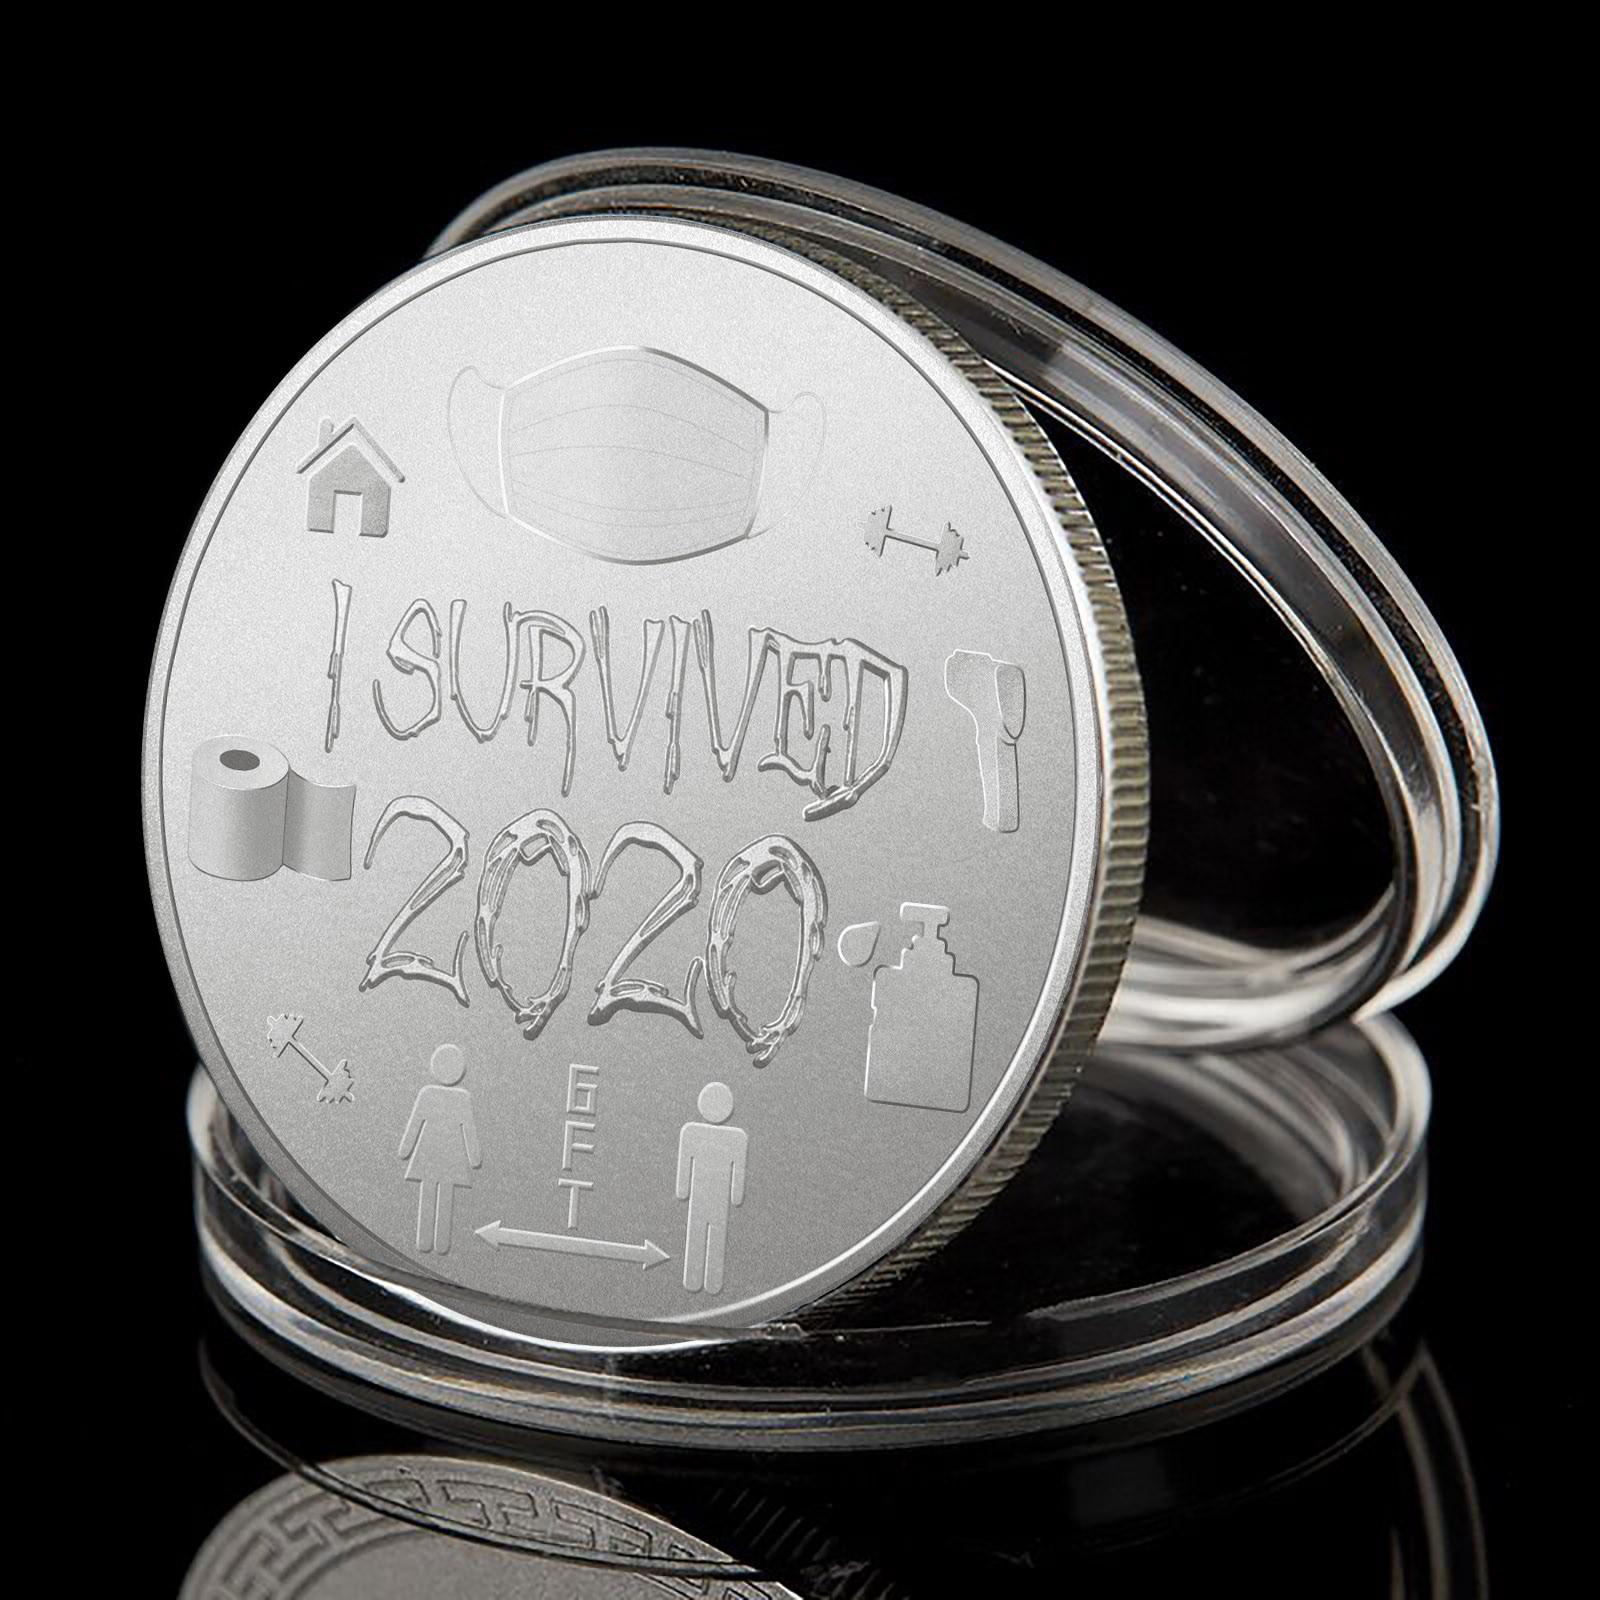 Взрослый Цвет серебристый, золотой монеты я пережила 2020 памятная монета воспоминания о былом подарок особый сувенир счастливая монета Колл...